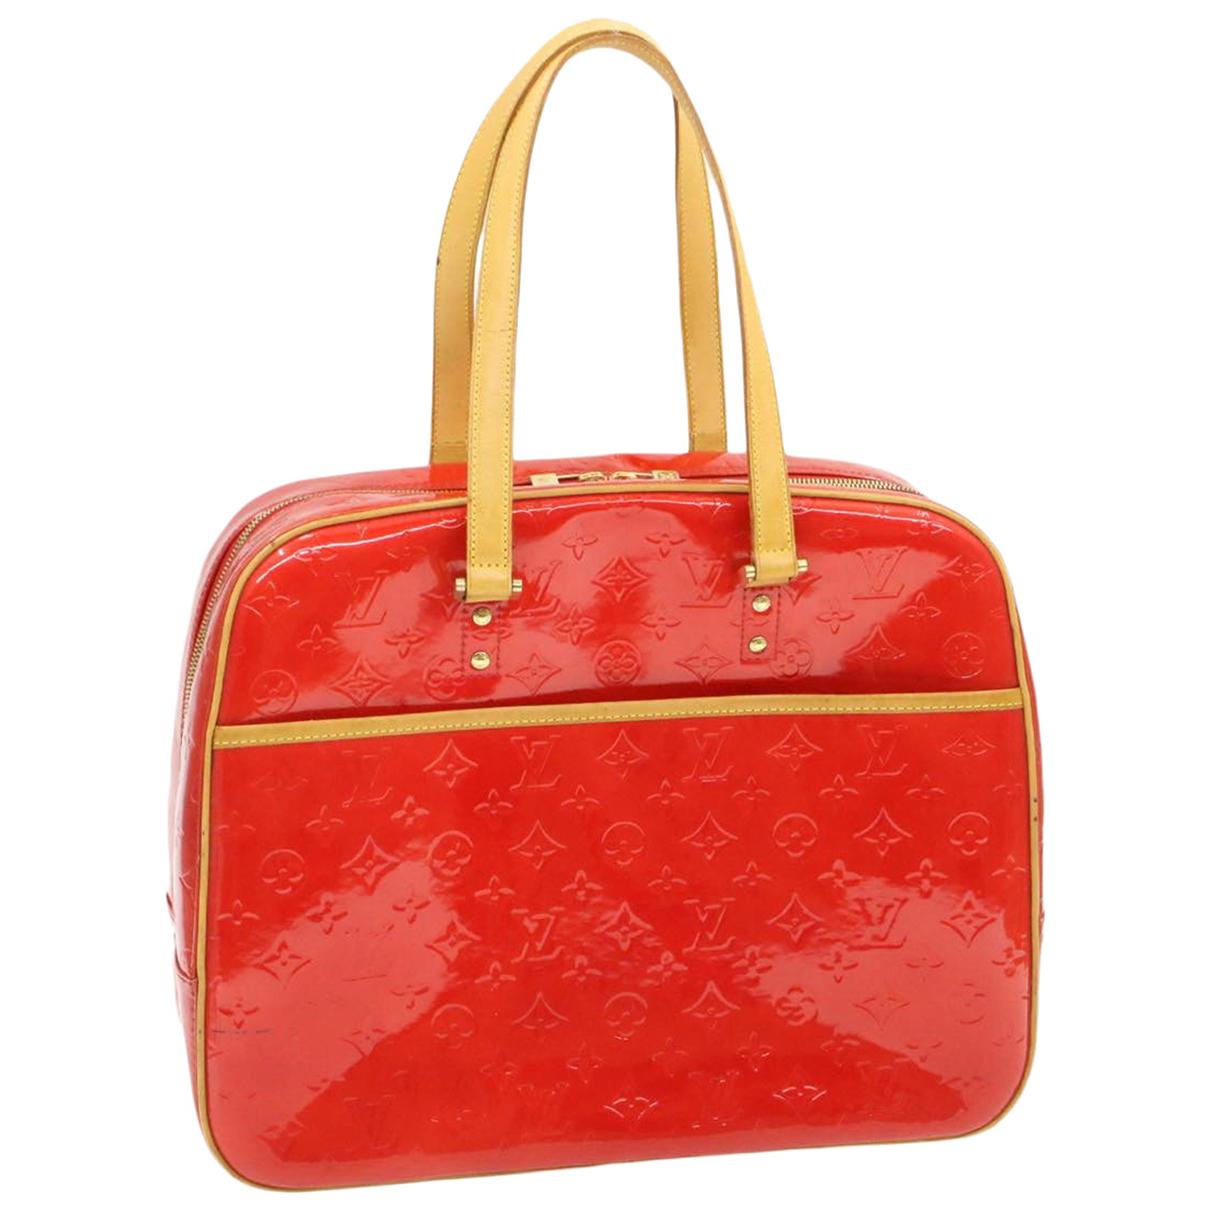 Louis Vuitton - Sac a main   pour femme en cuir verni - rouge